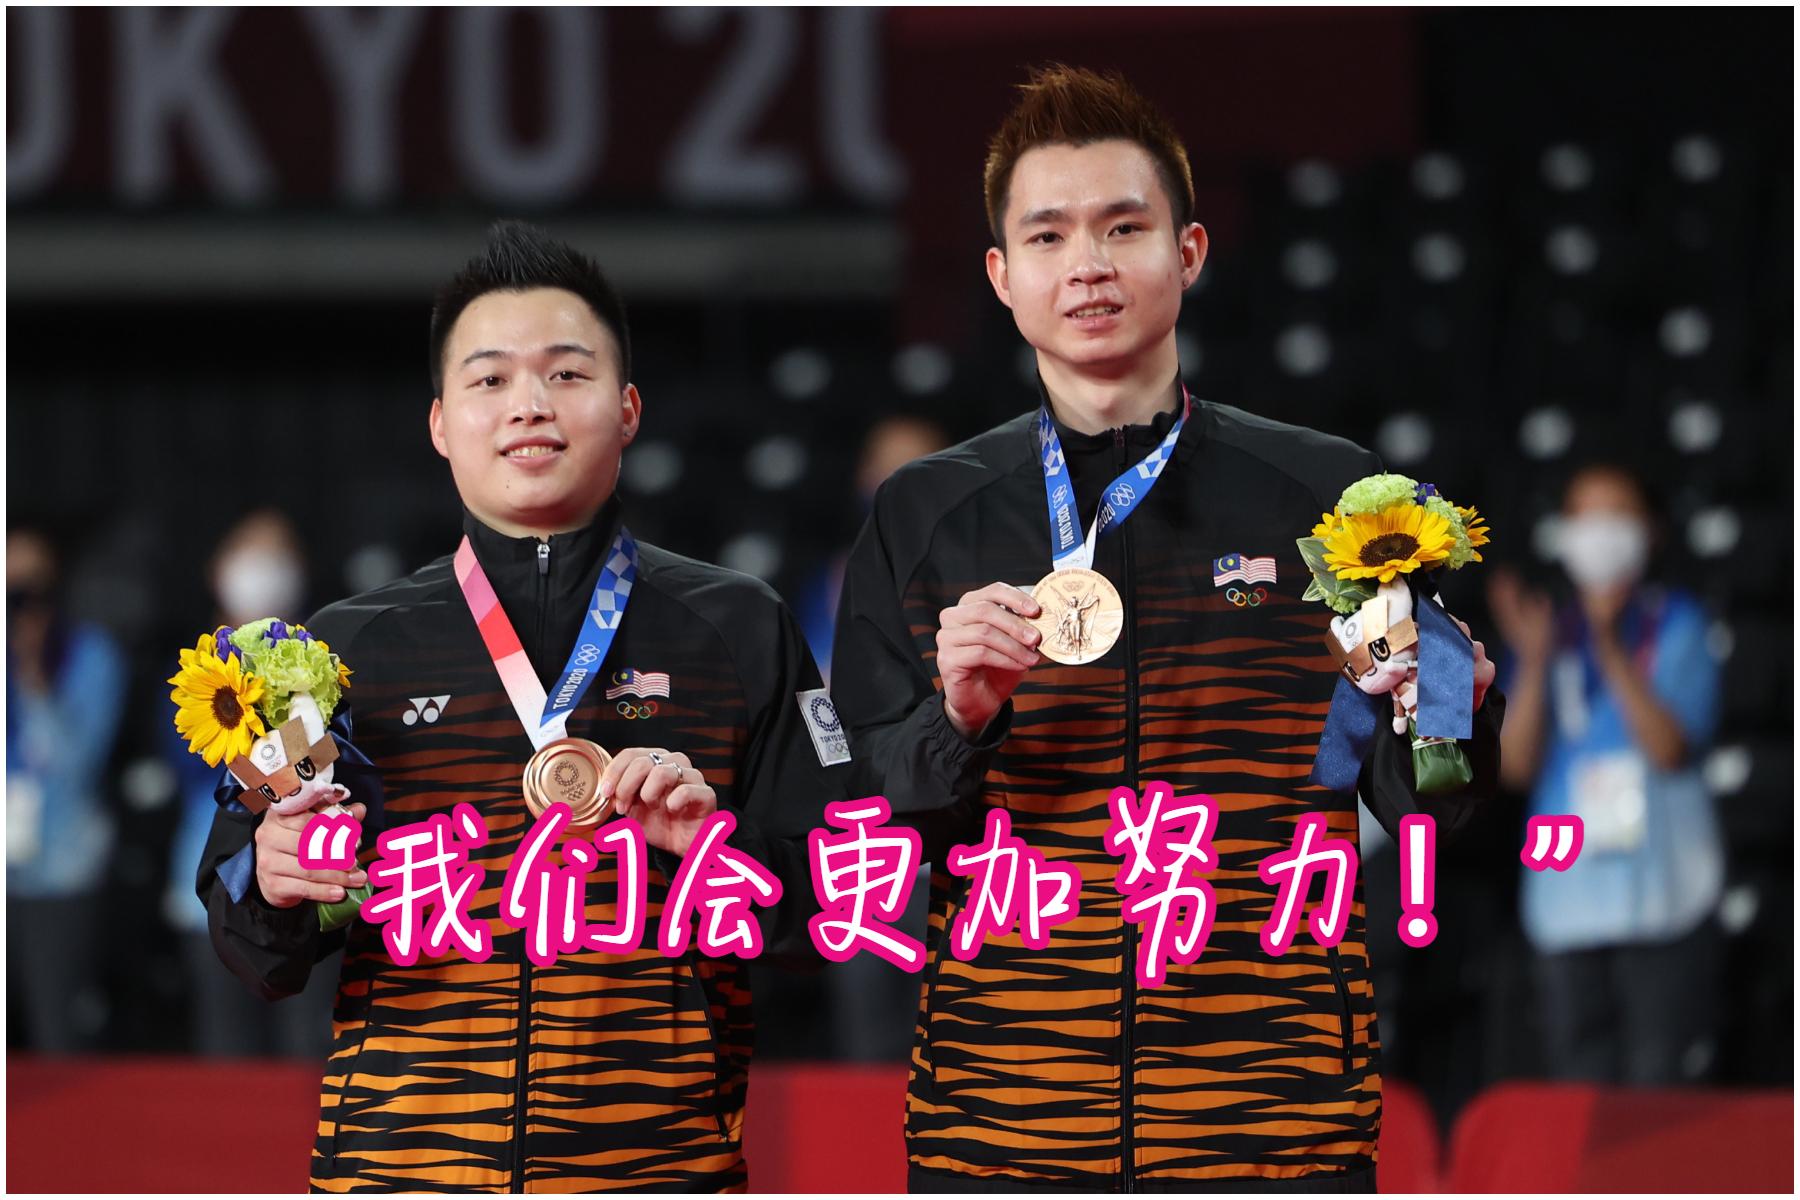 从来没拿过世羽联公开赛冠军的谢定峰/苏伟译,在东奥以黑马之姿连挫印尼世界第一和第二男双,摘下大马本届首枚以及羽球唯一一枚奖牌。-马新社/精彩大马制图-